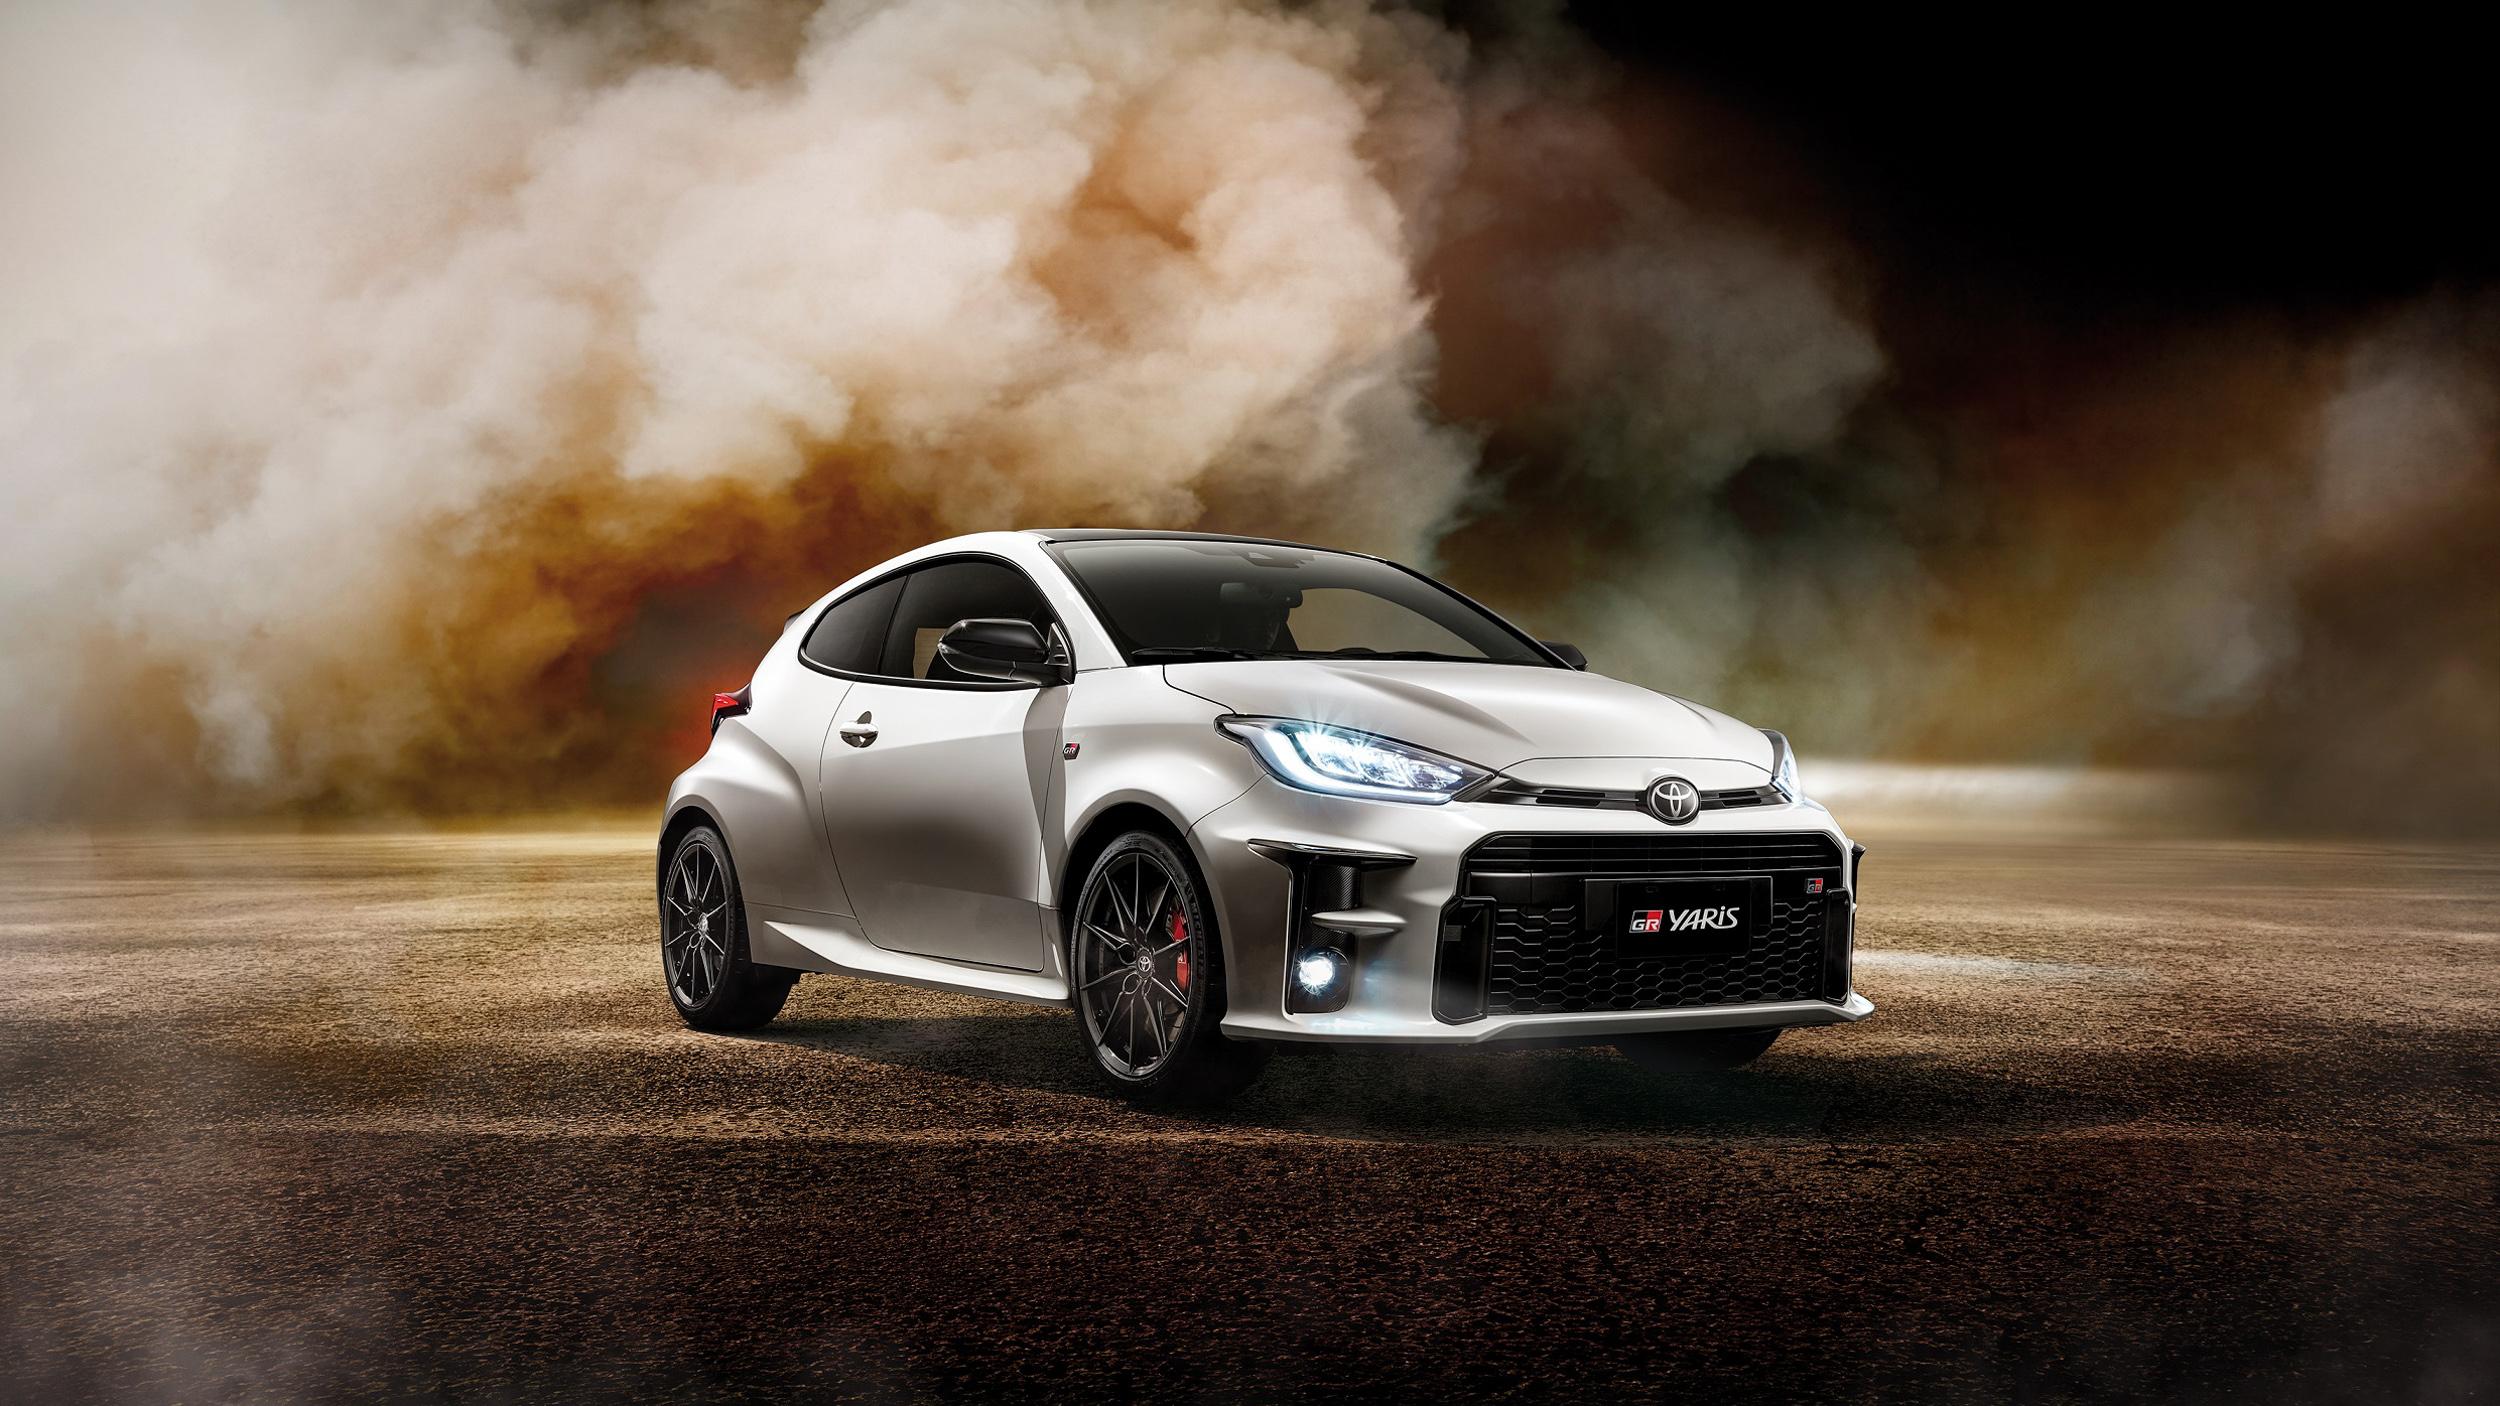 179 萬正式發表!Toyota GR Yaris 首批 80 輛登台